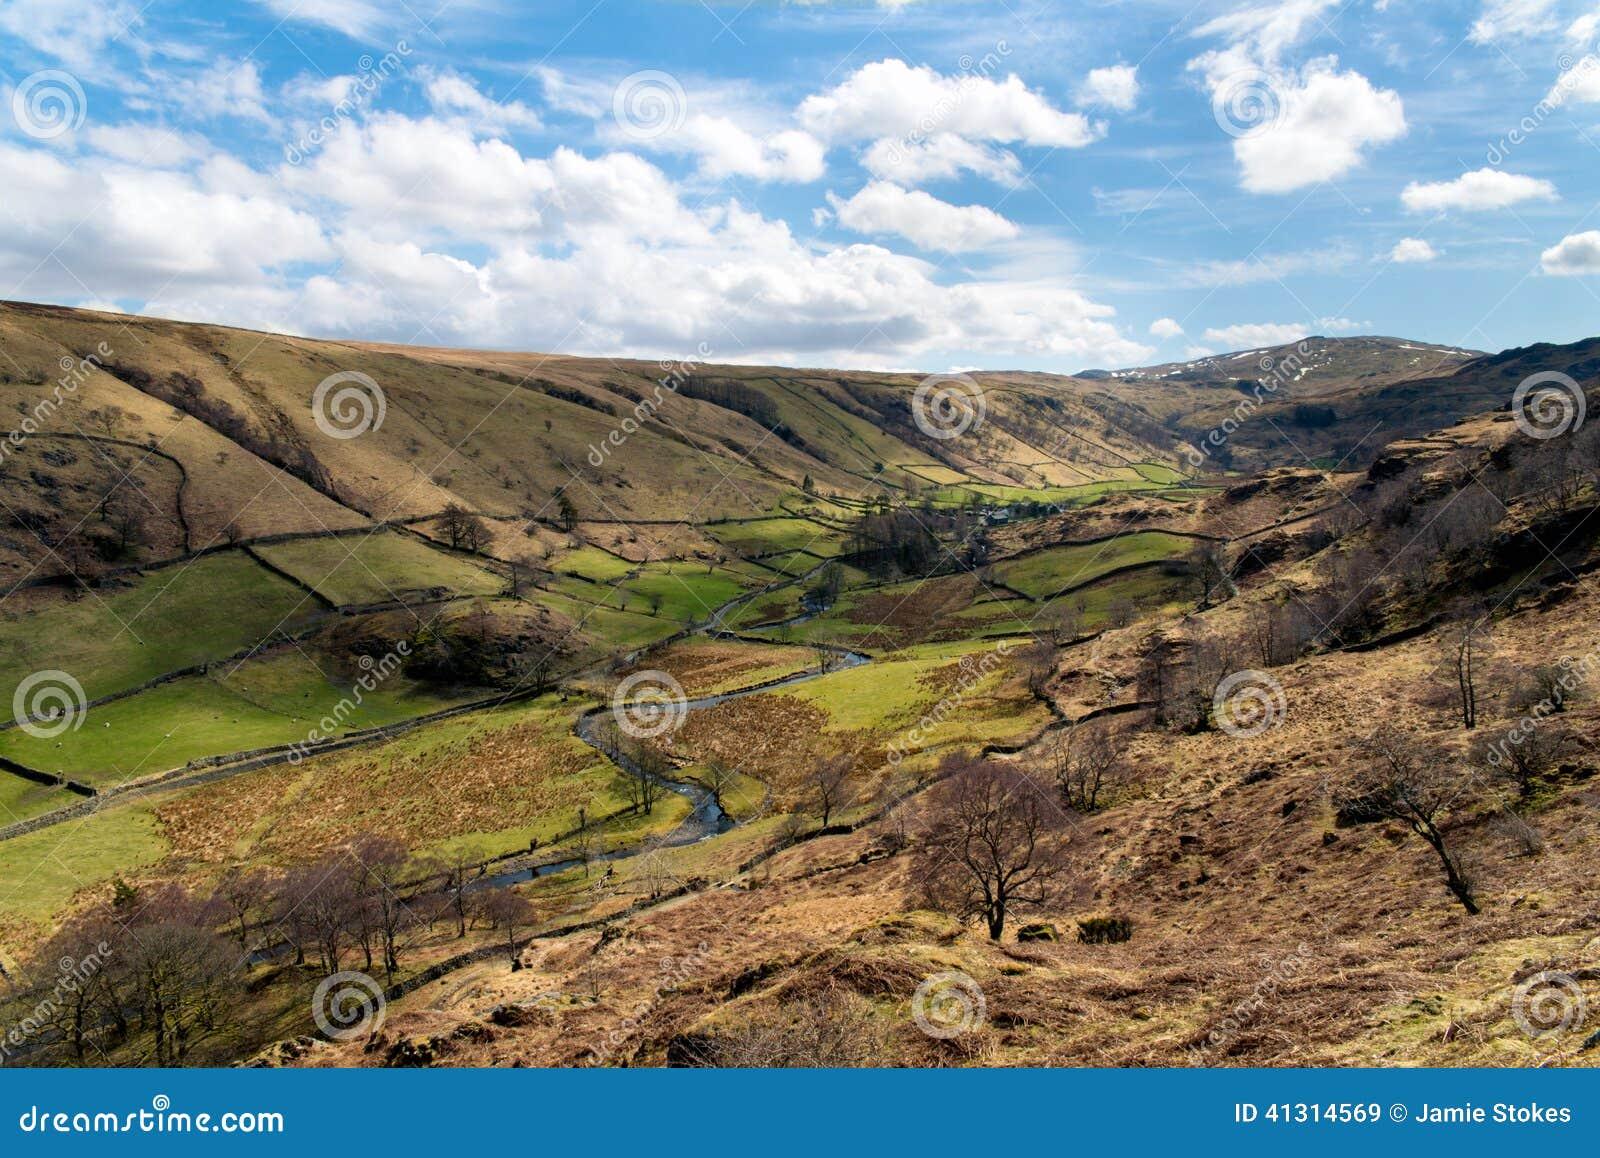 Landscape of Newlands Beck Valley -Lake District